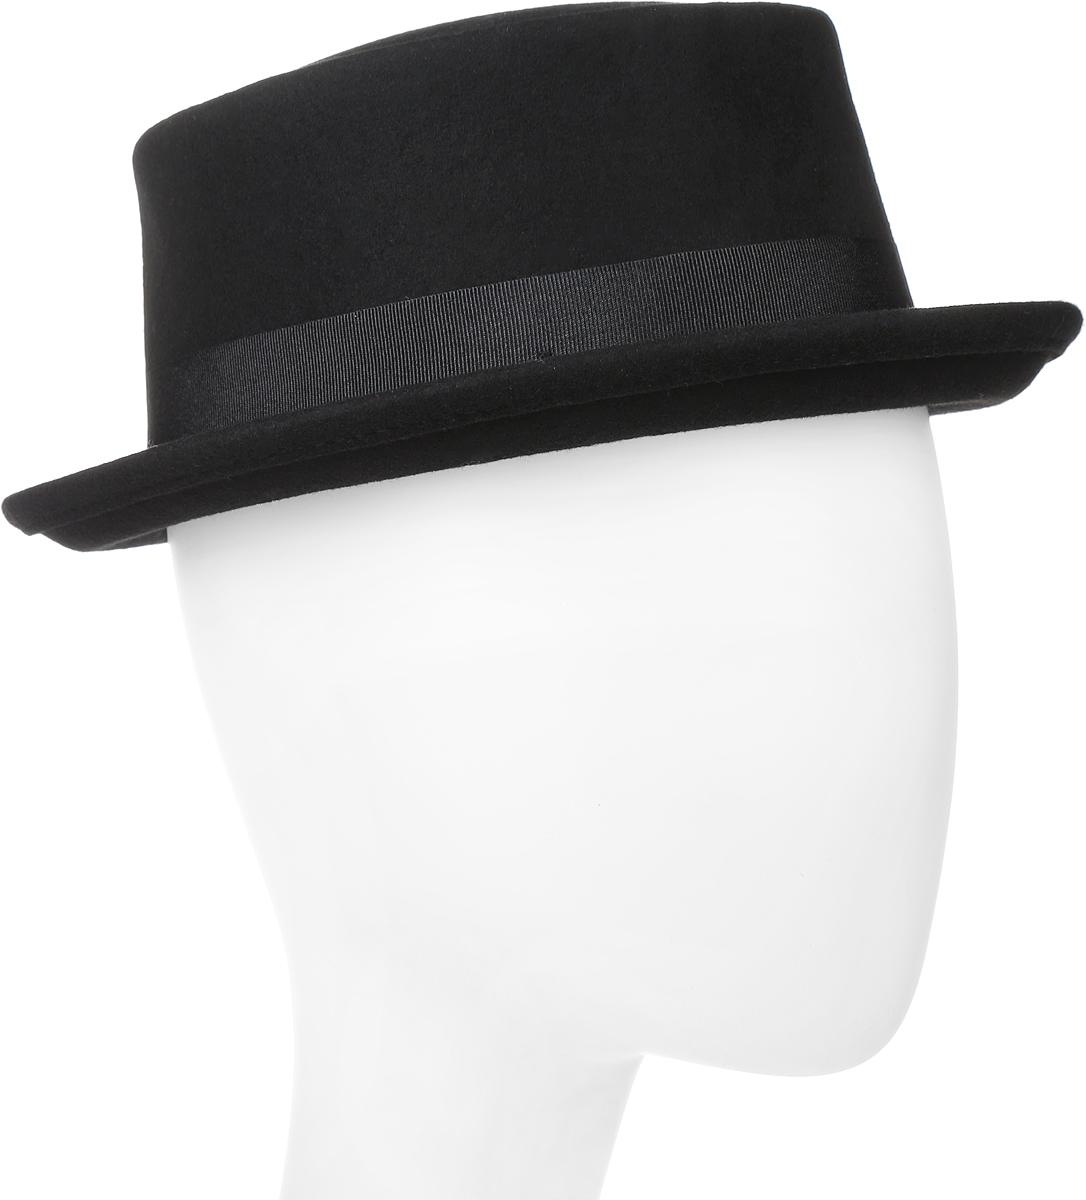 Шляпа Goorin Brothers, цвет: черный. 600-9314. Размер L (59)600-9314Элегантная шляпа Goorin Brothers, выполненная из фетра, дополнит любой образ. Модель с узкими полями и невысокой вертикальной тульей и загнутыми вверх полями. Поля зафиксированы и лучше всего смотрятся в положении вверх, но их можно изгибать вниз по желанию. Шляпа по тулье оформлена широкой репсовой лентой с перетяжкой и металлическим элементом в виде логотипа бренда. Аккуратные поля шляпы придадут вашему образу таинственности и шарма. Такая шляпа подчеркнет вашу неповторимость и прекрасный вкус.